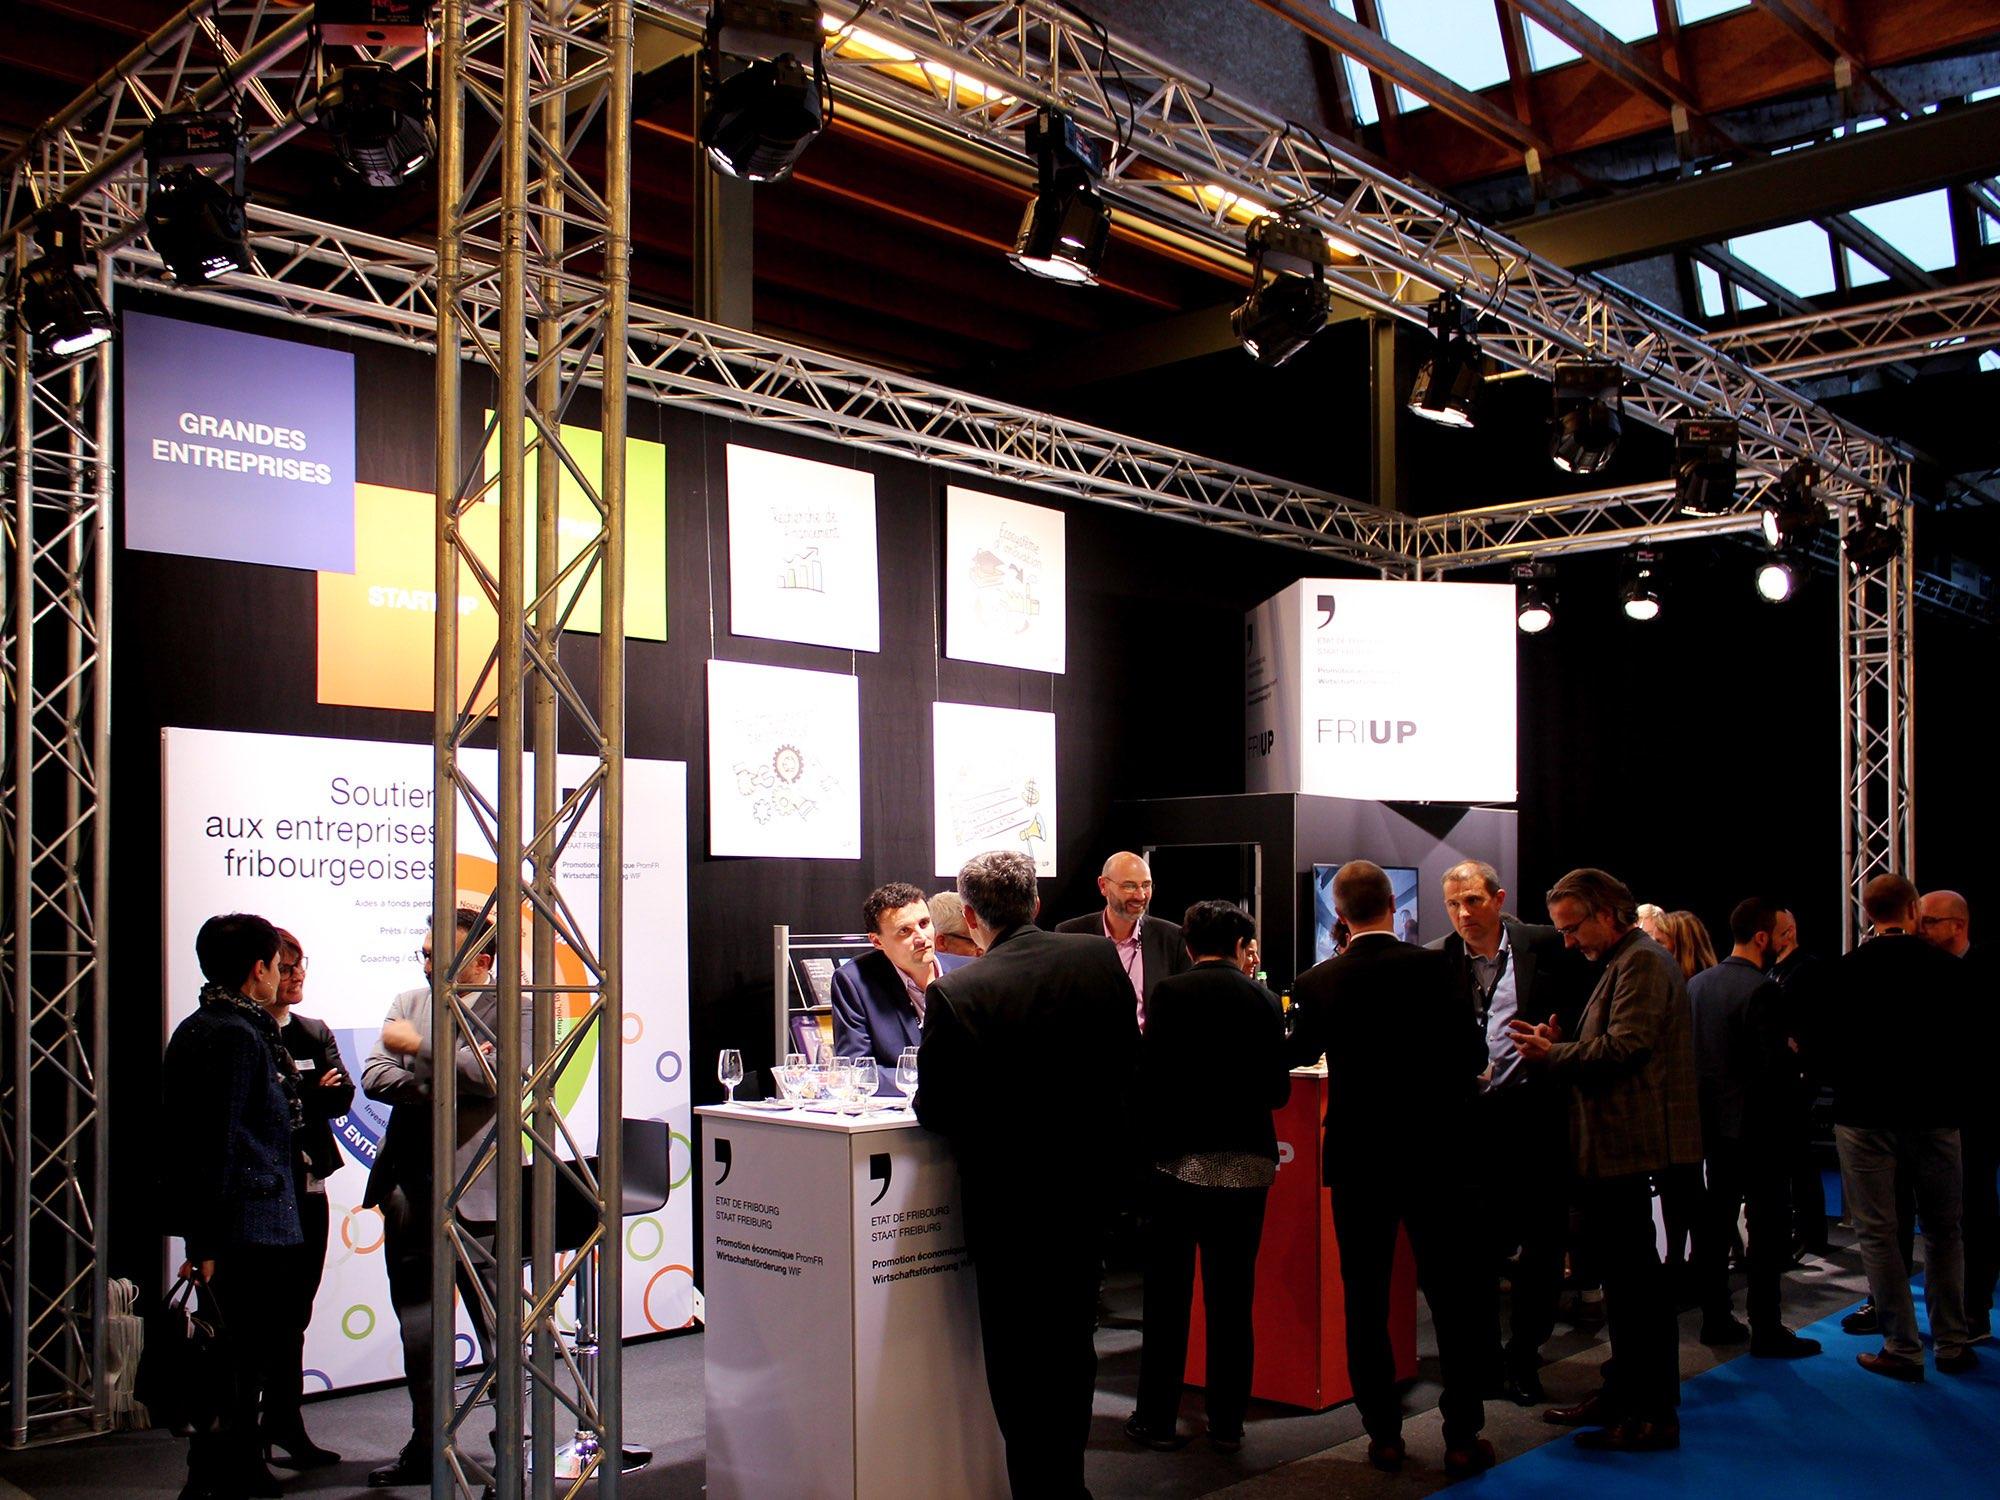 État de Fribourg, PromFR – Stand pour PromFR au «Salon de l'Entreprise» par Créambule